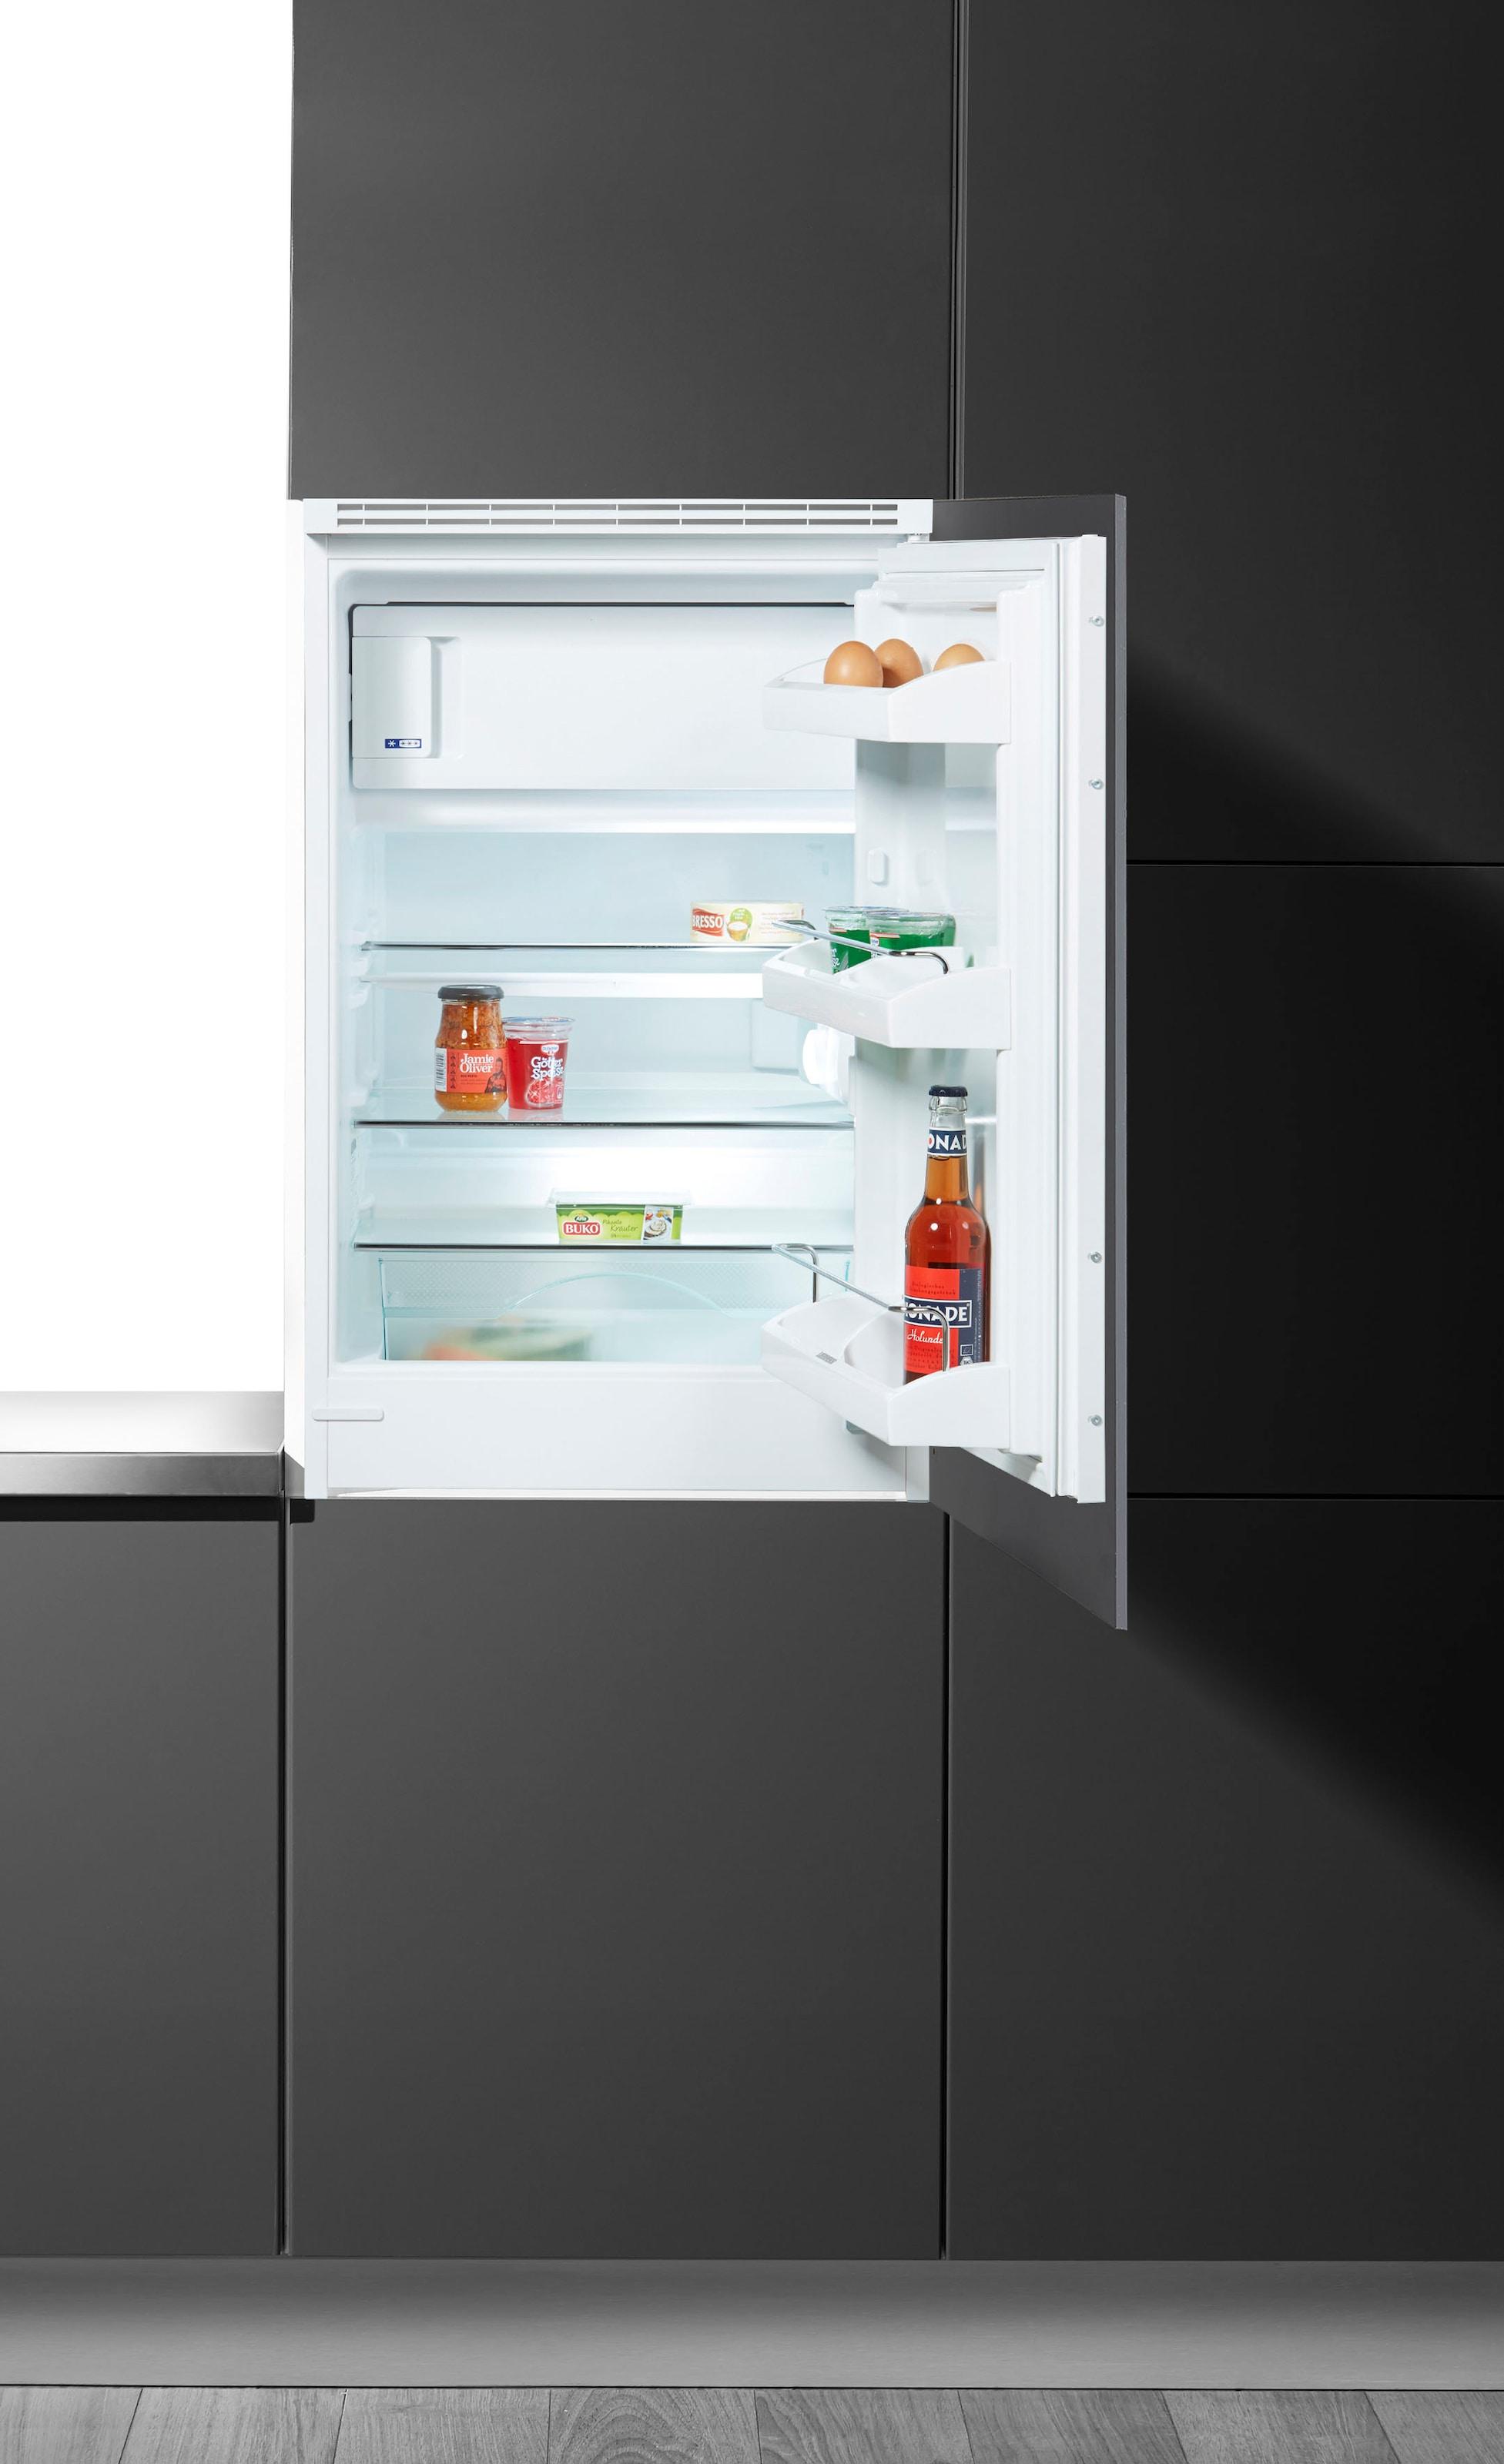 Amica Unterbau Kühlschrank 50 Cm : Amica tischgeschirrspüler gsp w l maßgedecke online